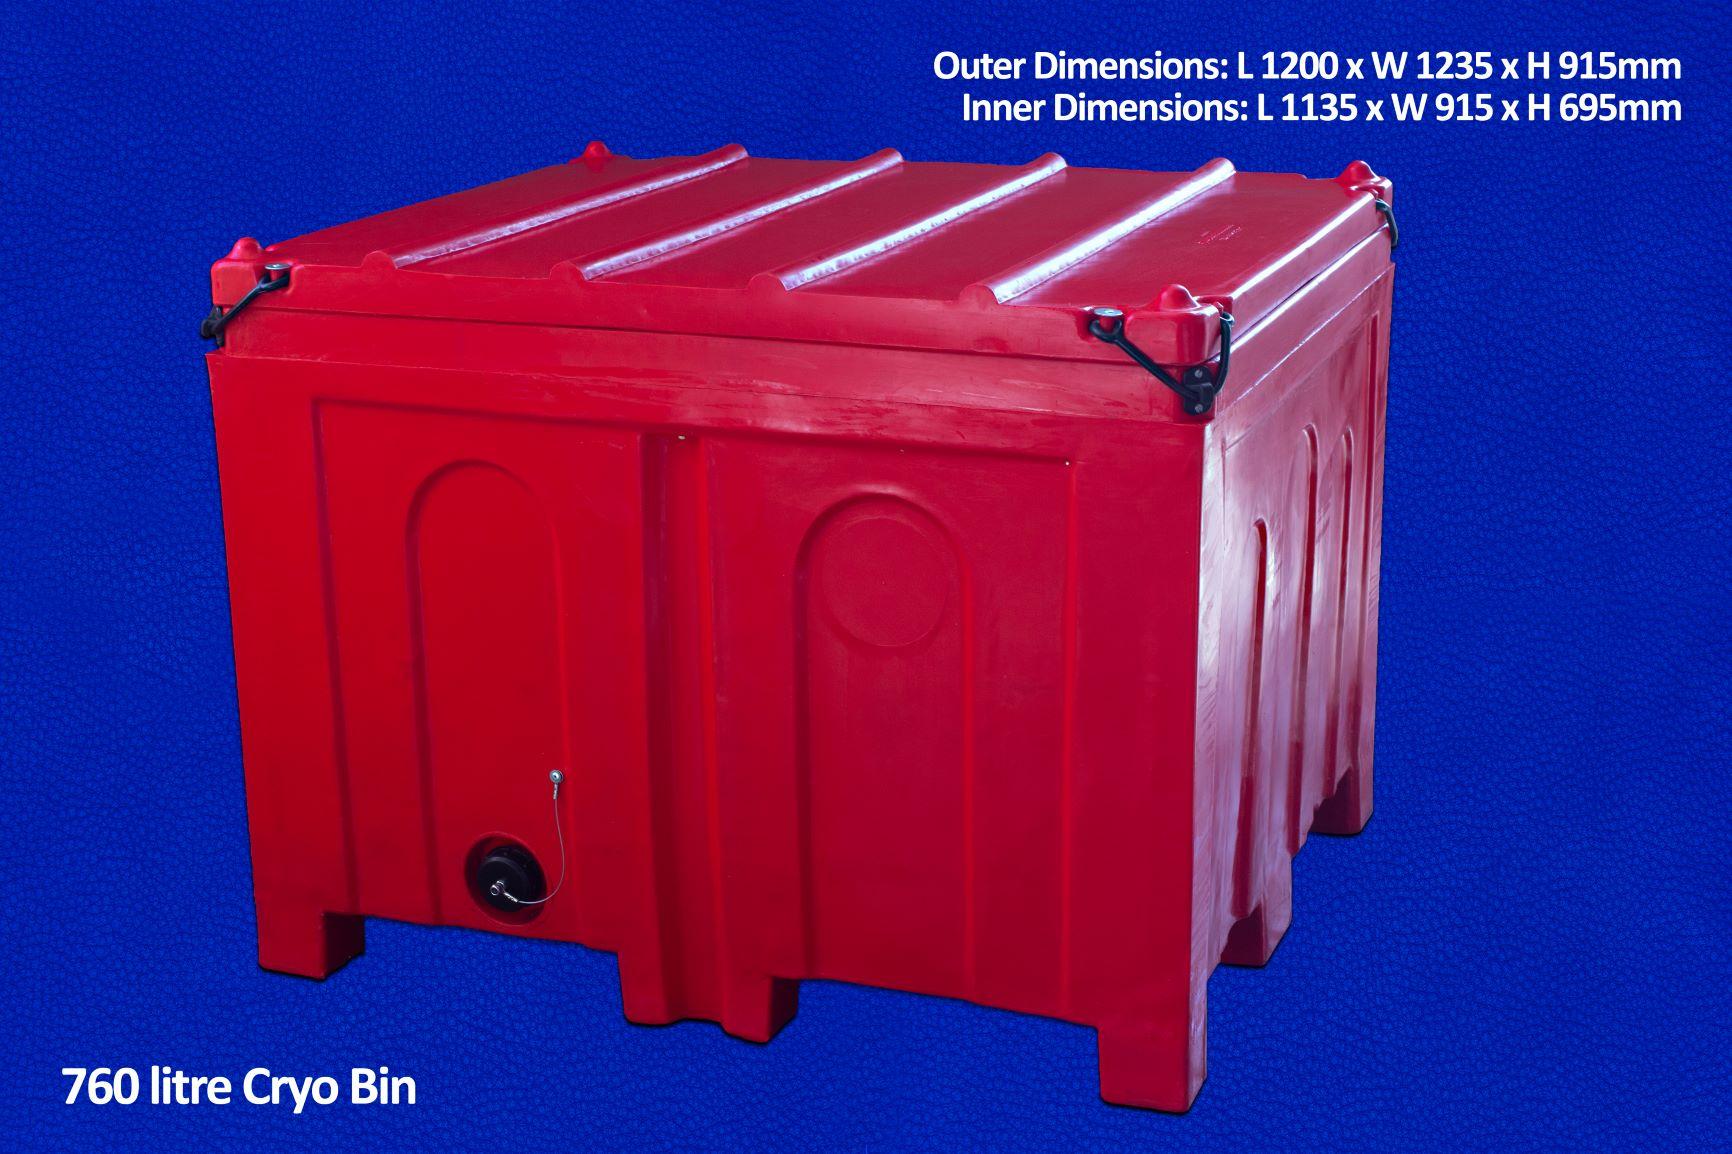 760 litre cryo bin